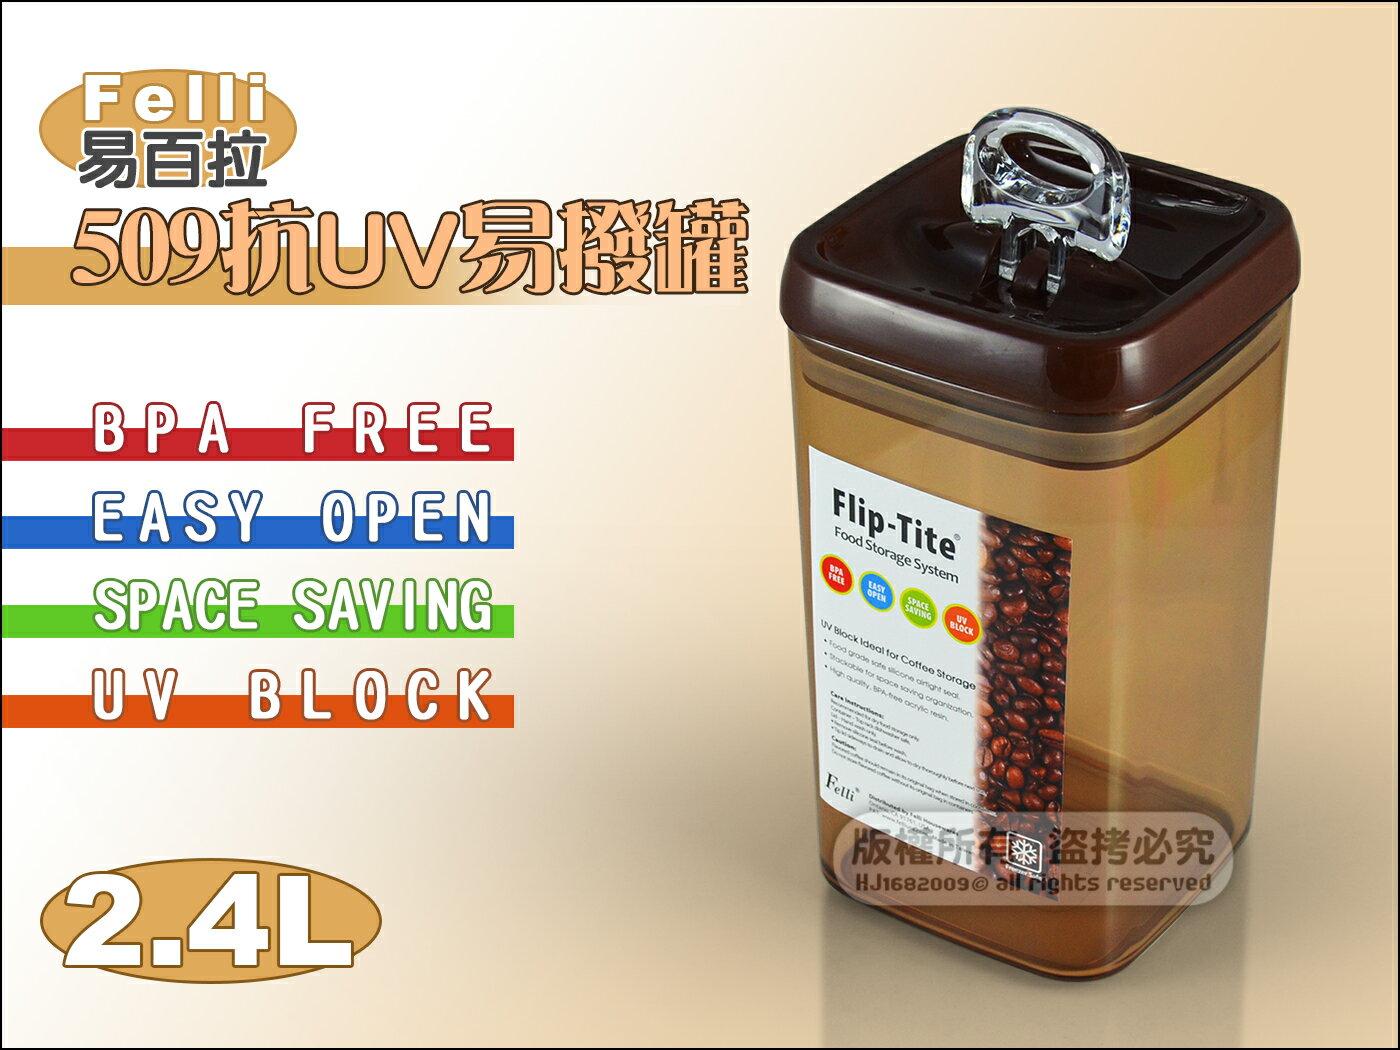 快樂屋♪ Felli 509抗UV易撥罐 2.4L 咖啡儲豆罐 收納罐 密封罐 台灣製